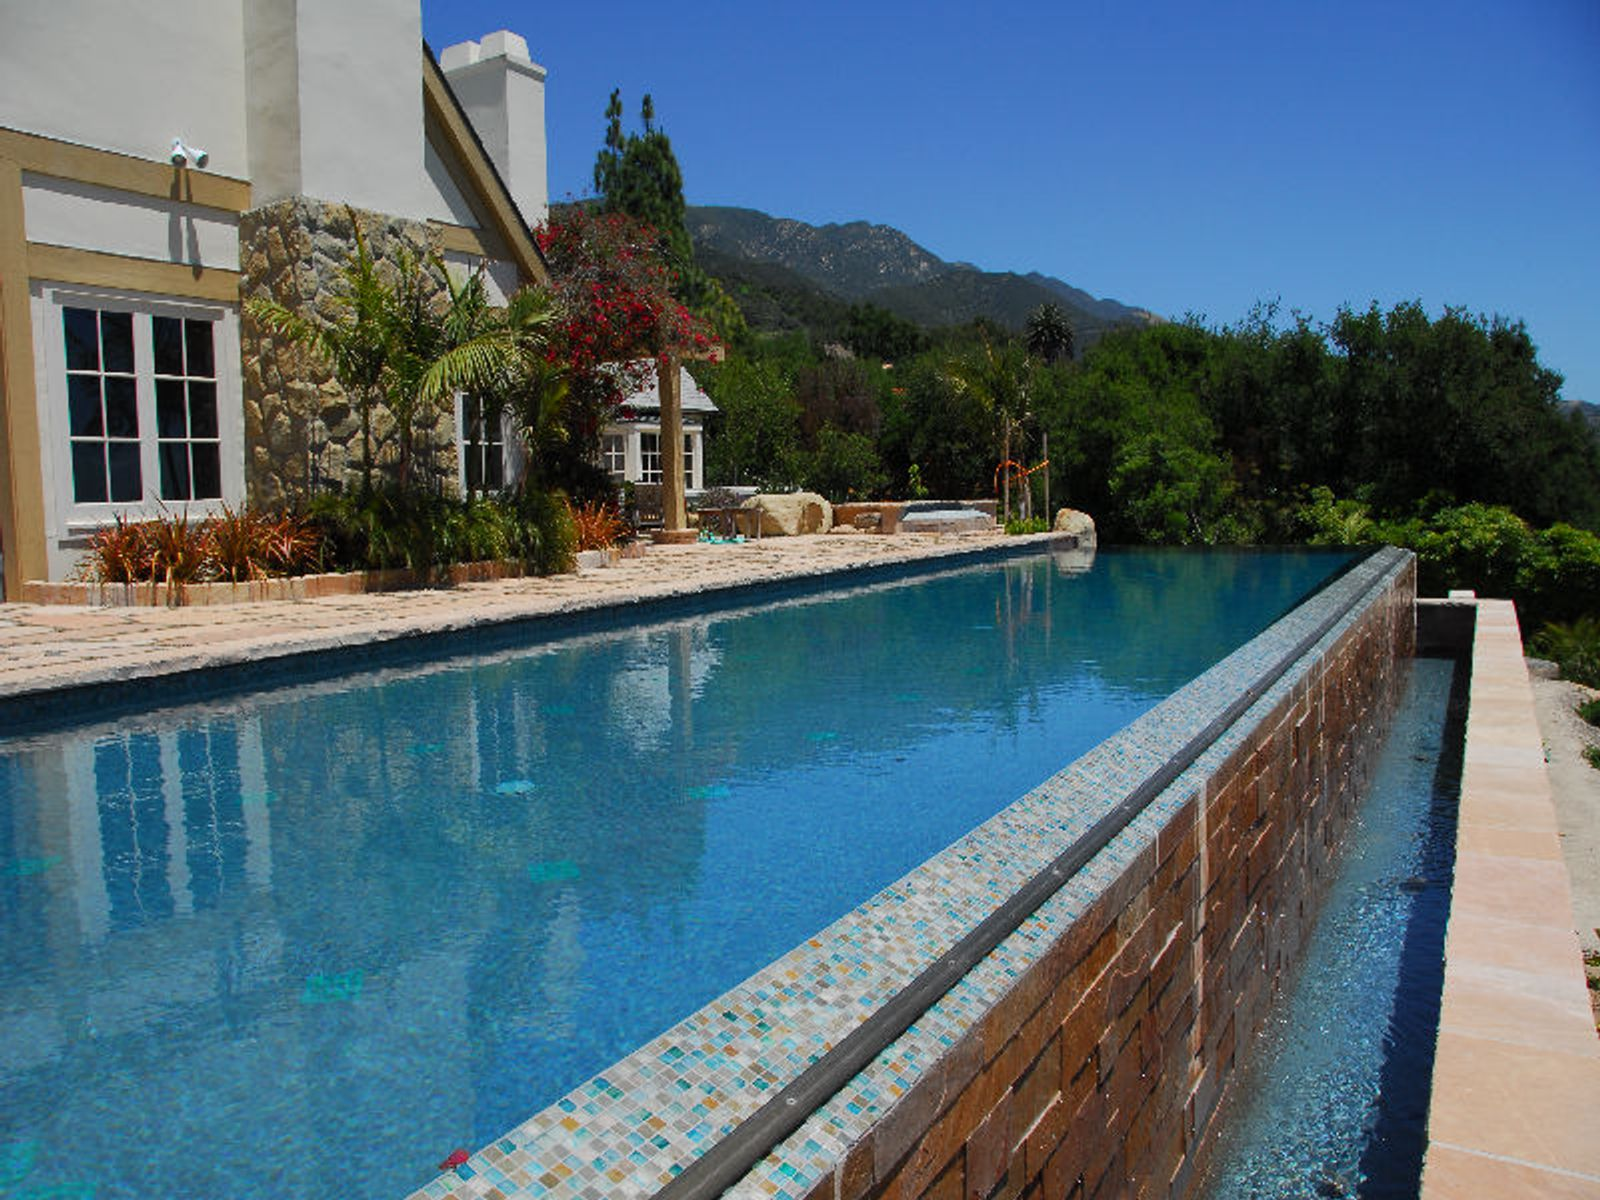 60-foot Infinity Pool